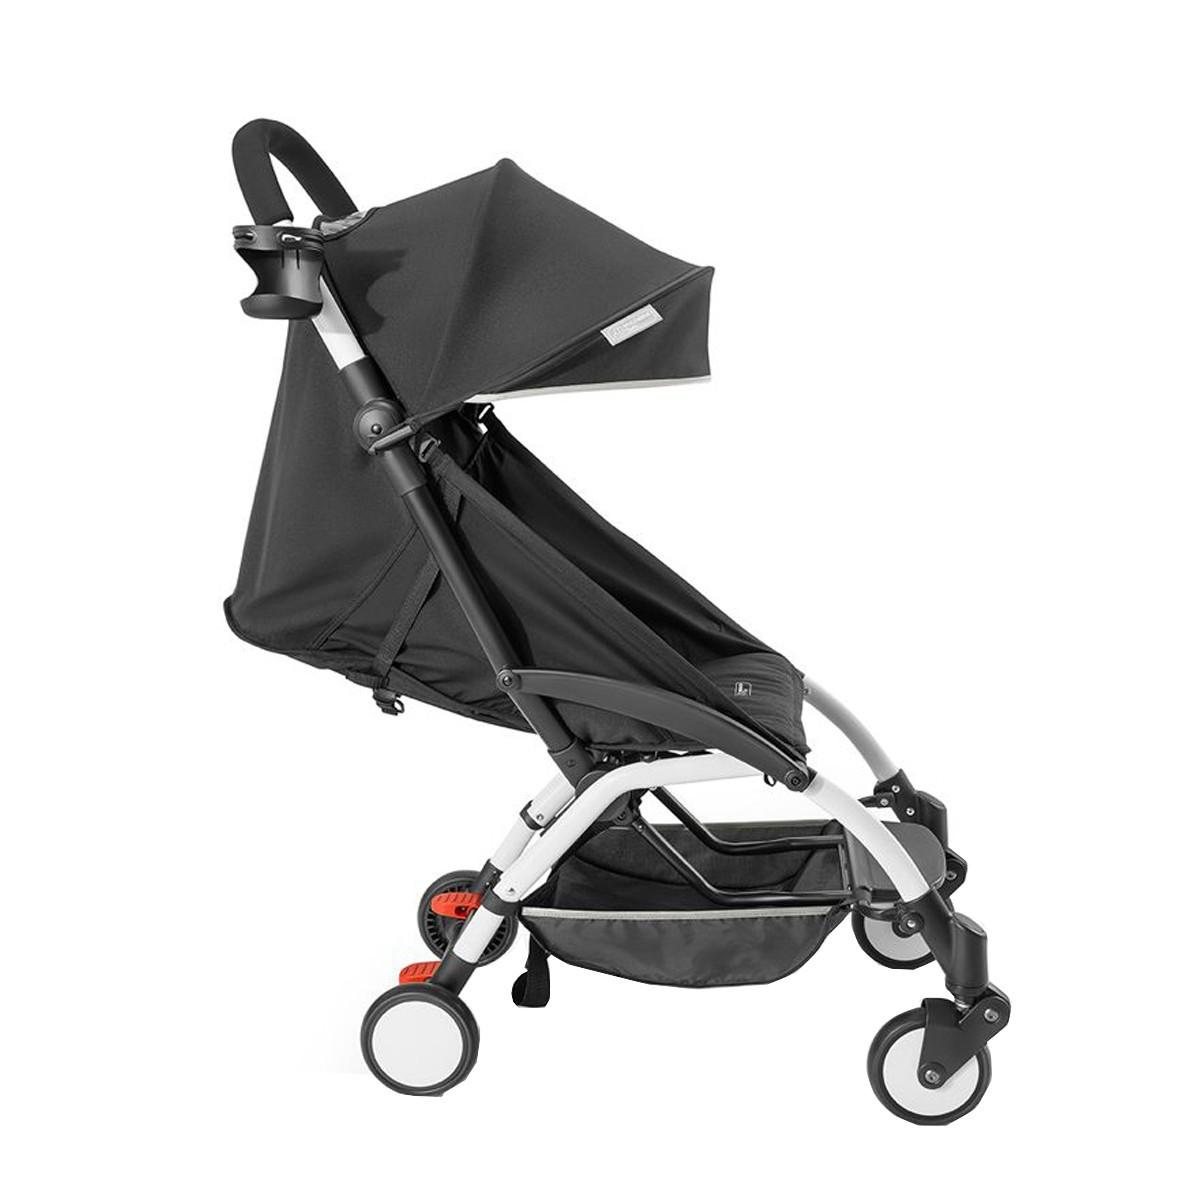 Carrinho de Bebê Compacto Multikids Preto Até 15Kg